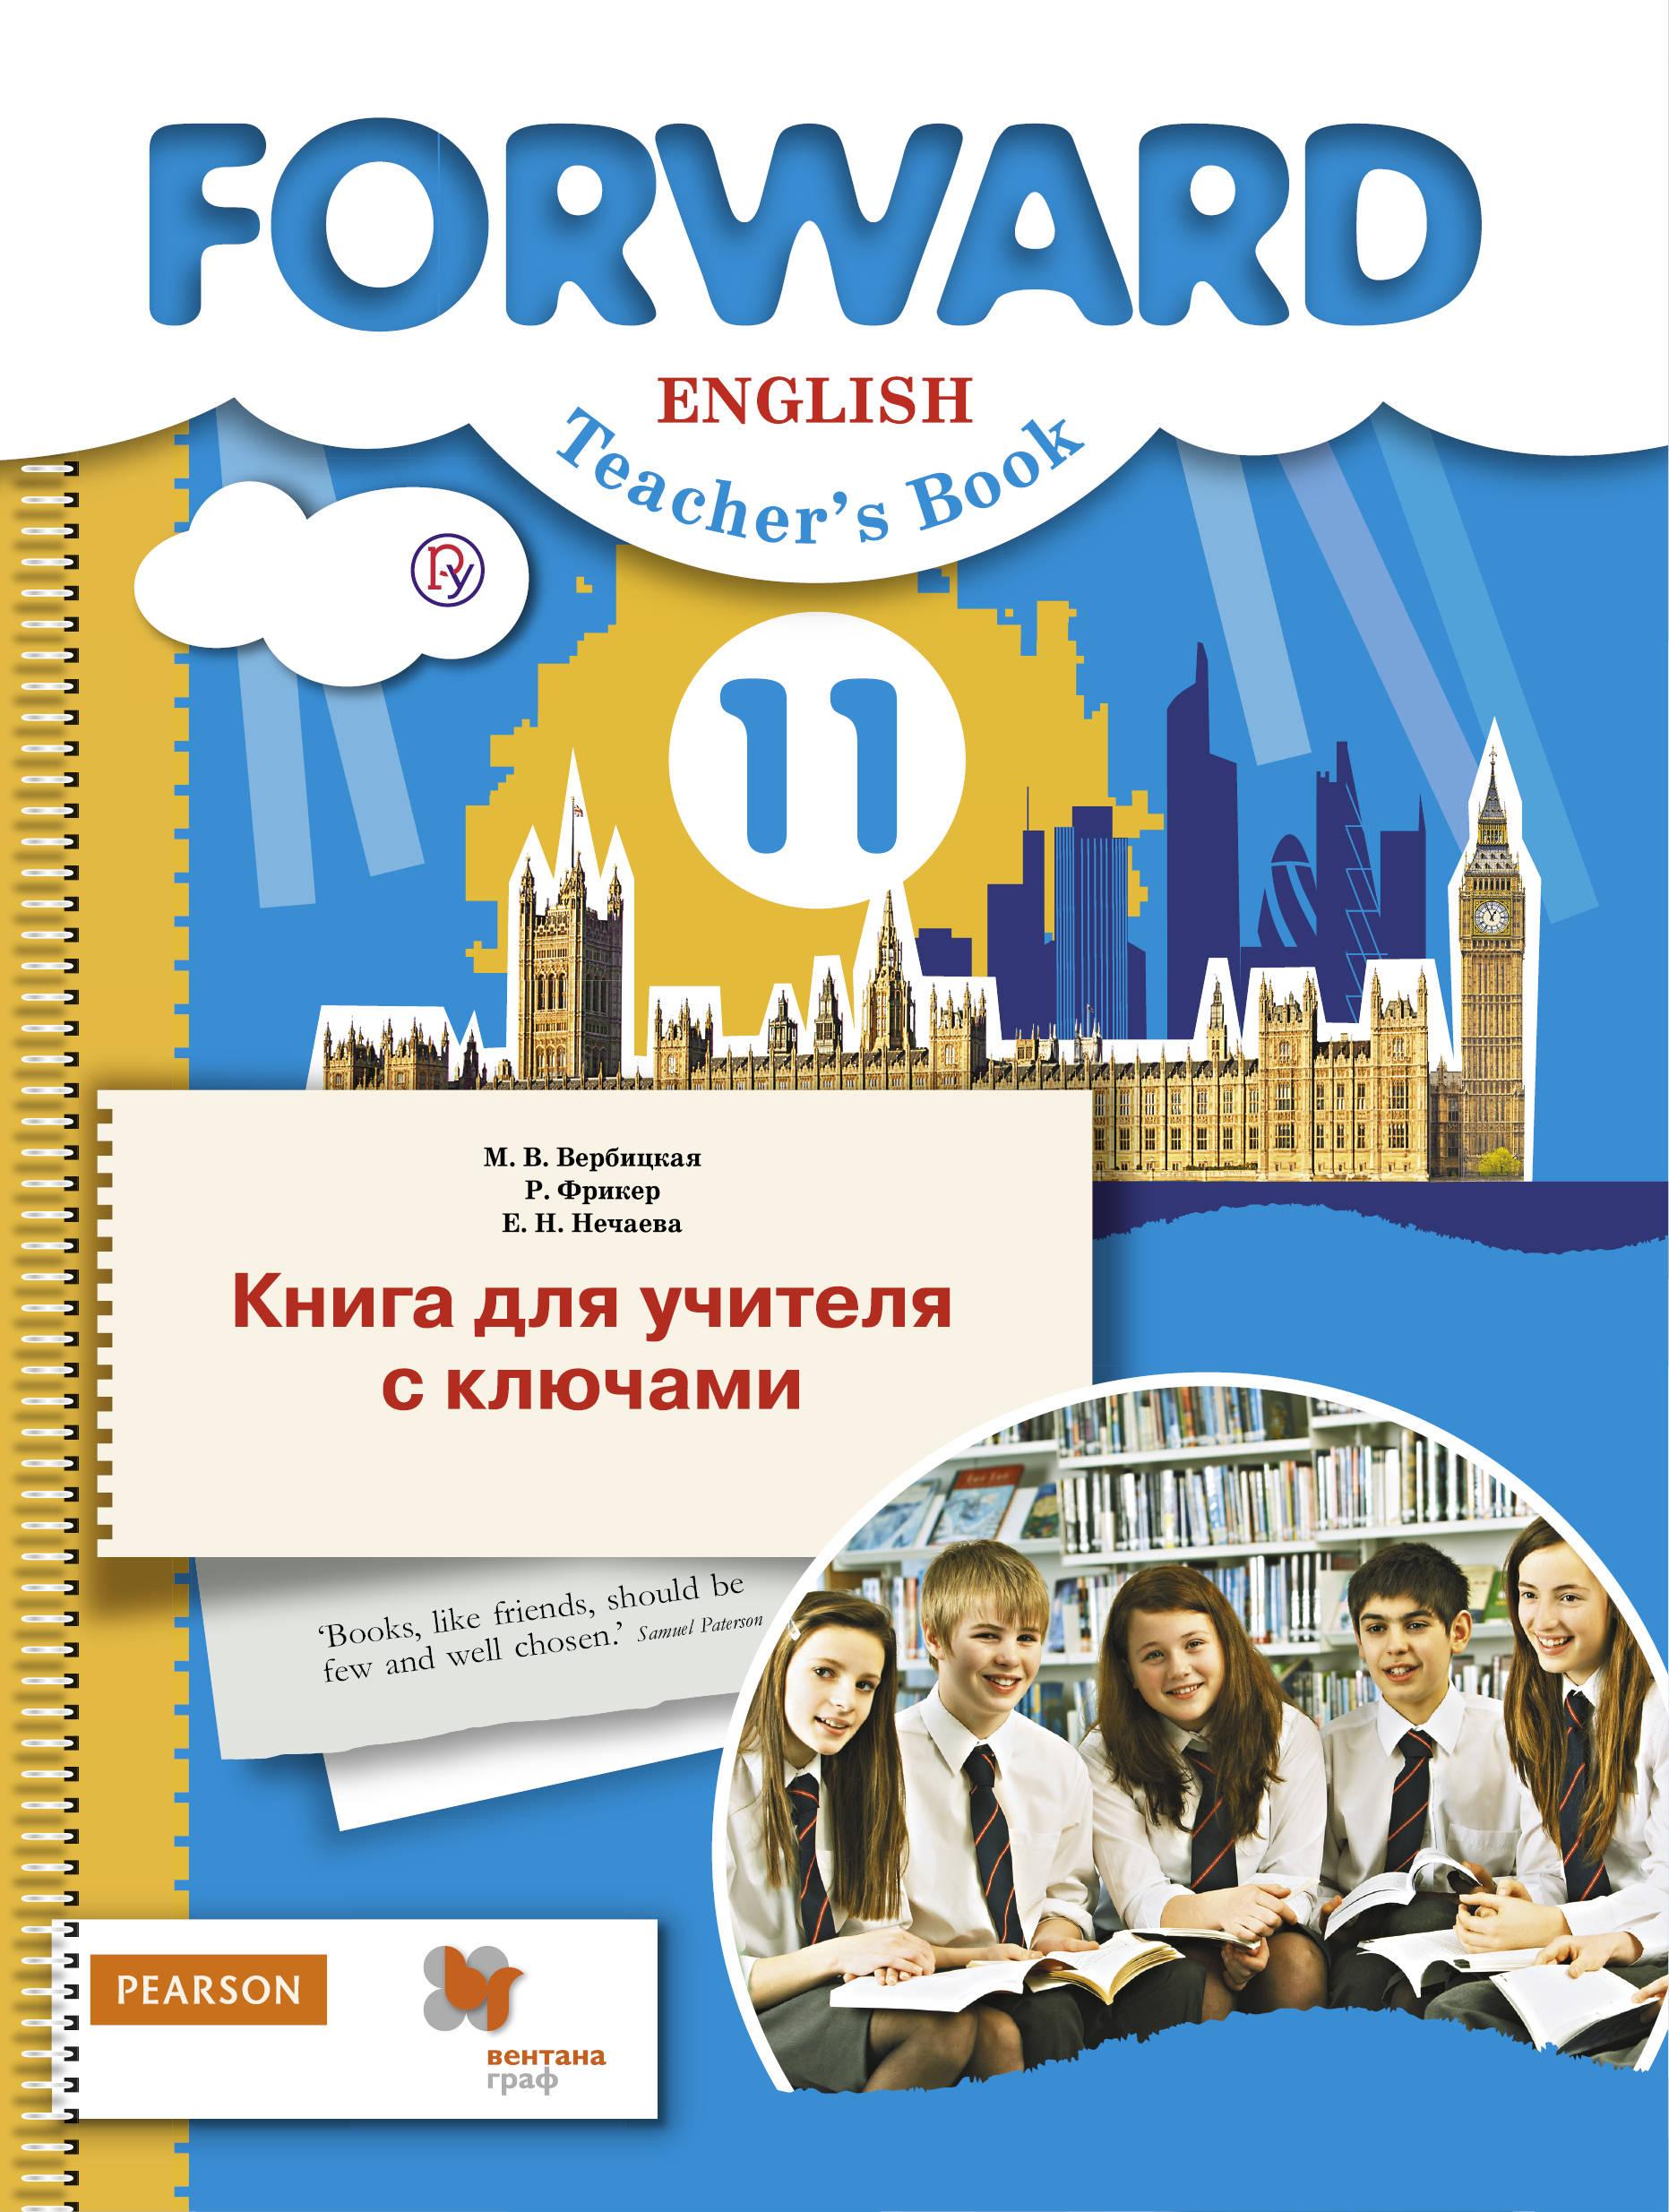 Forward English: Teacher's Book / Английский язык. Базовый уровень. 11 класс. Книга для учителя с ключами